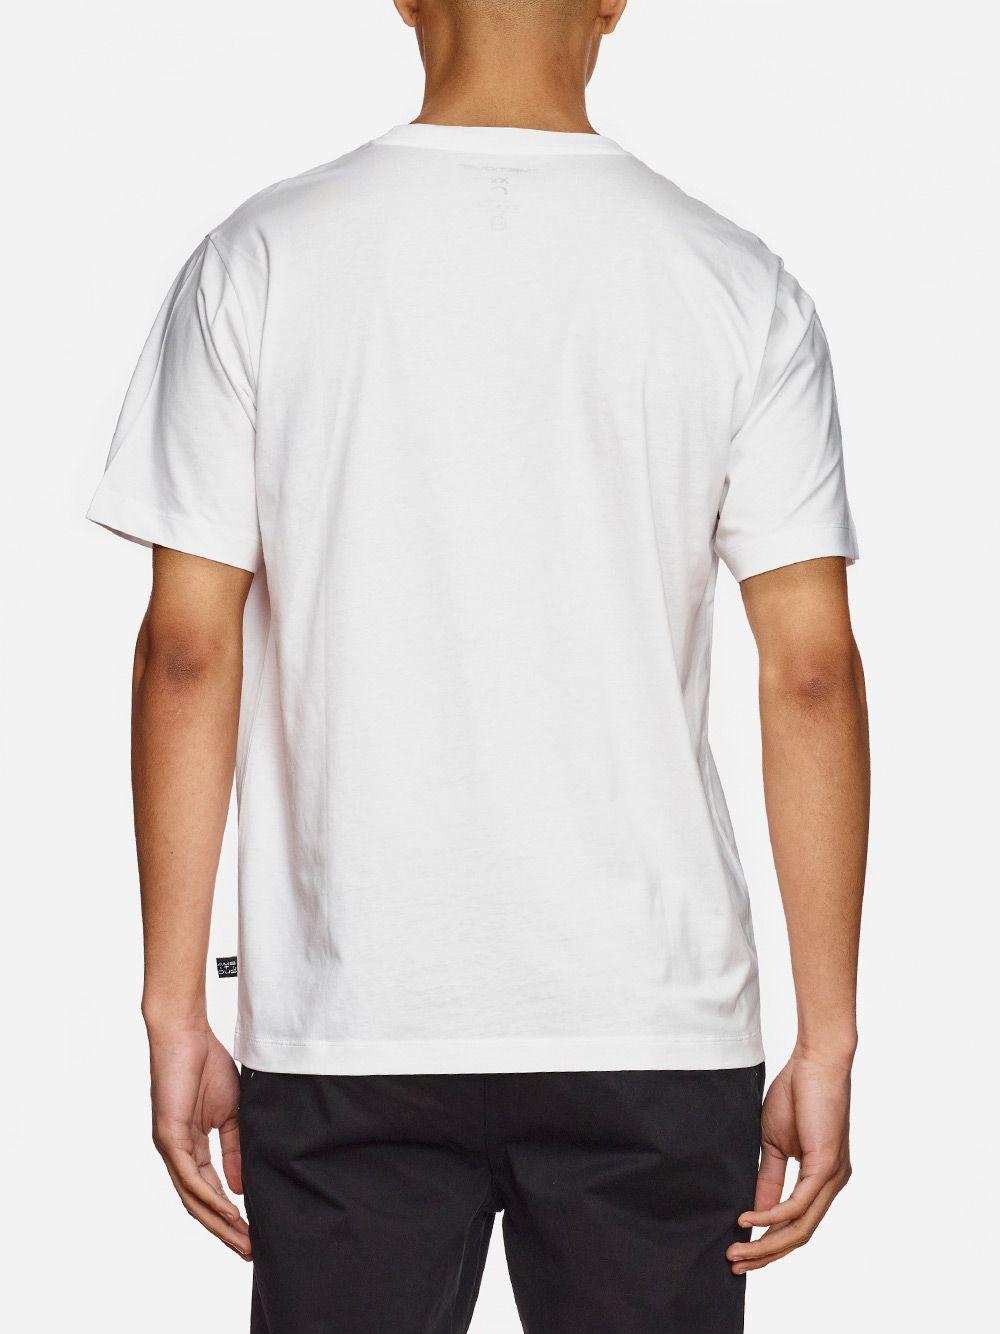 T-Shirt Branca  Com Estampado | AMBITIOUS